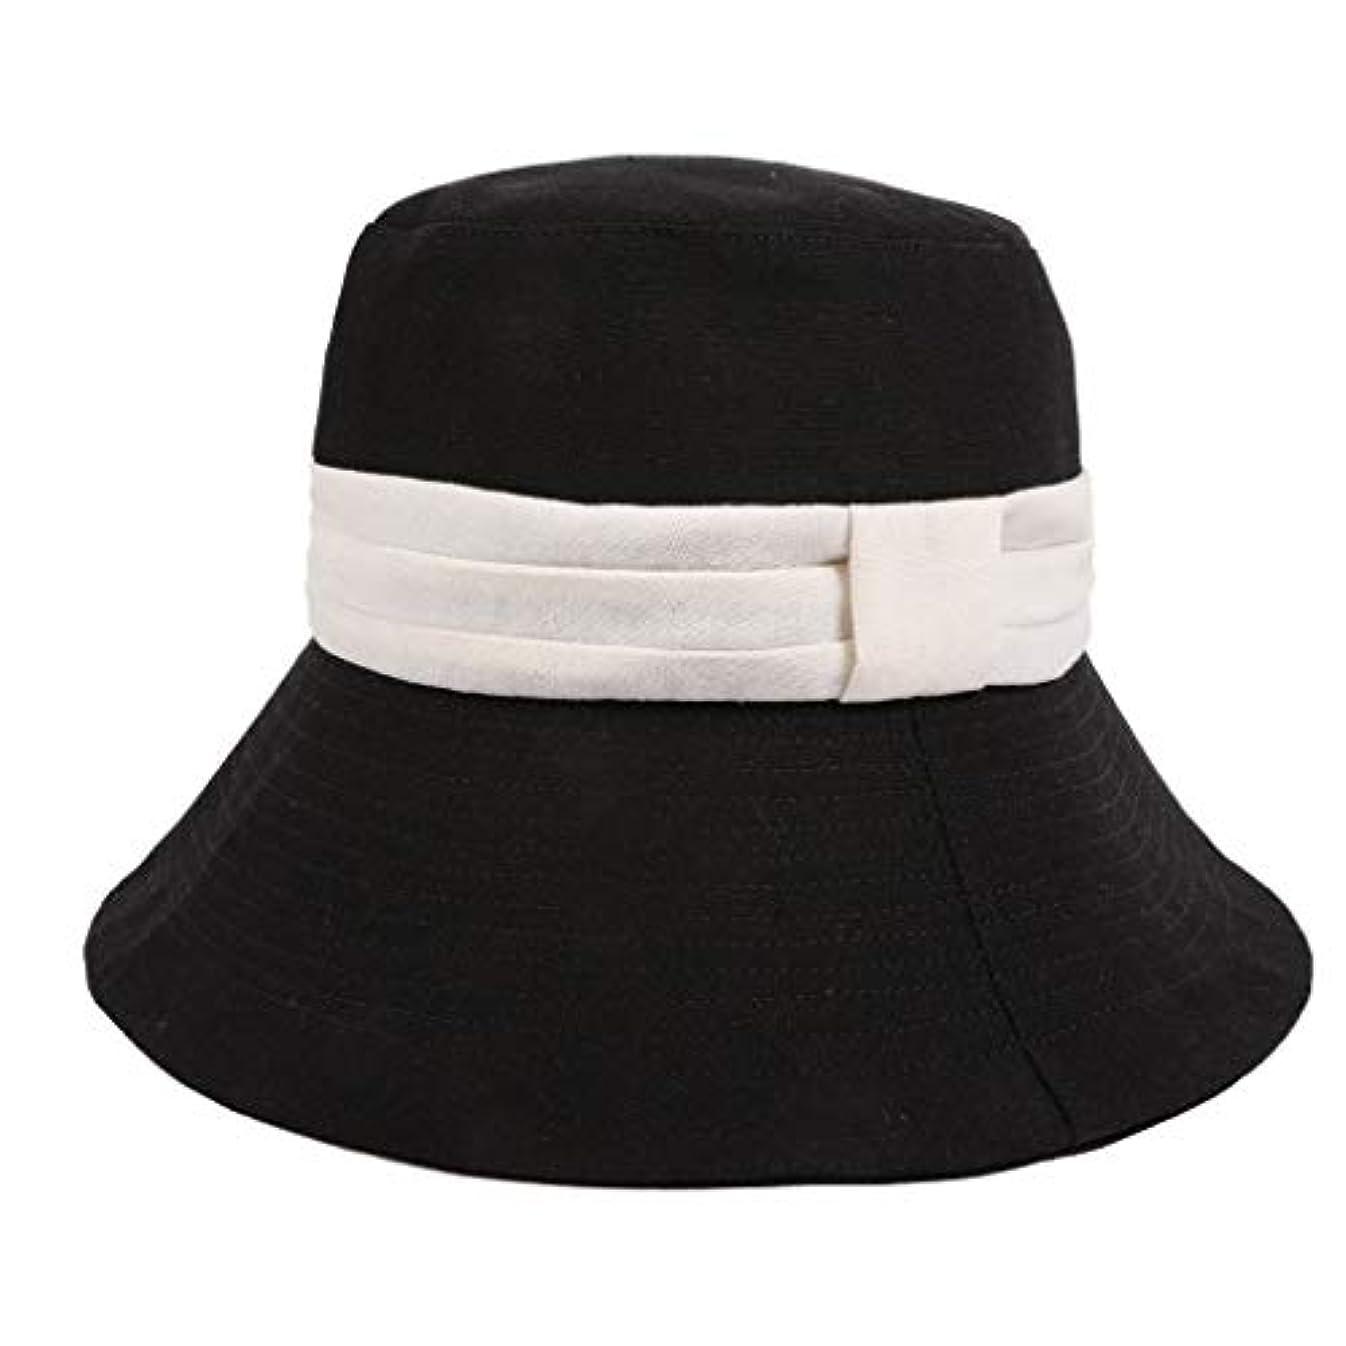 場合先に許さない帽子 レディース 夏 UVカット 帽子 女性 漁師帽 小顔効果 日よけ 吸汗通気 紫外線対策 UV帽子 つば広帽 可愛い 軽量 折りたたみ 可能 ゴルフ アウトドア 日焼け 防止 に カジュアル ファッション 発送 ROSE...